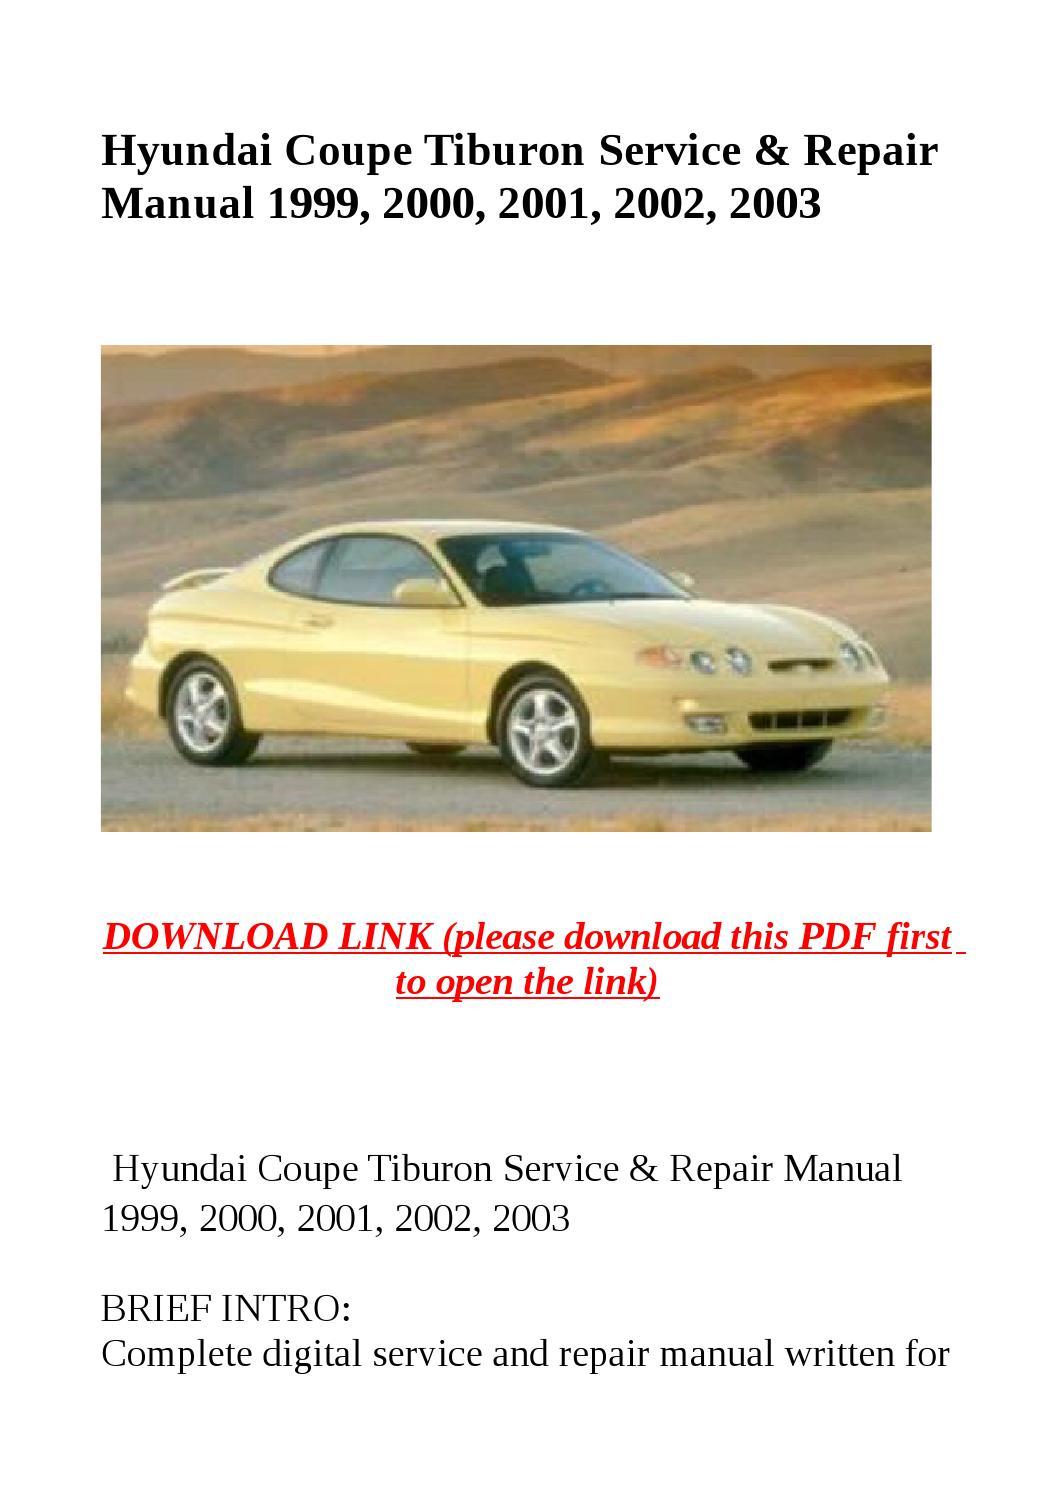 2001 hyundai tiburon repair manual